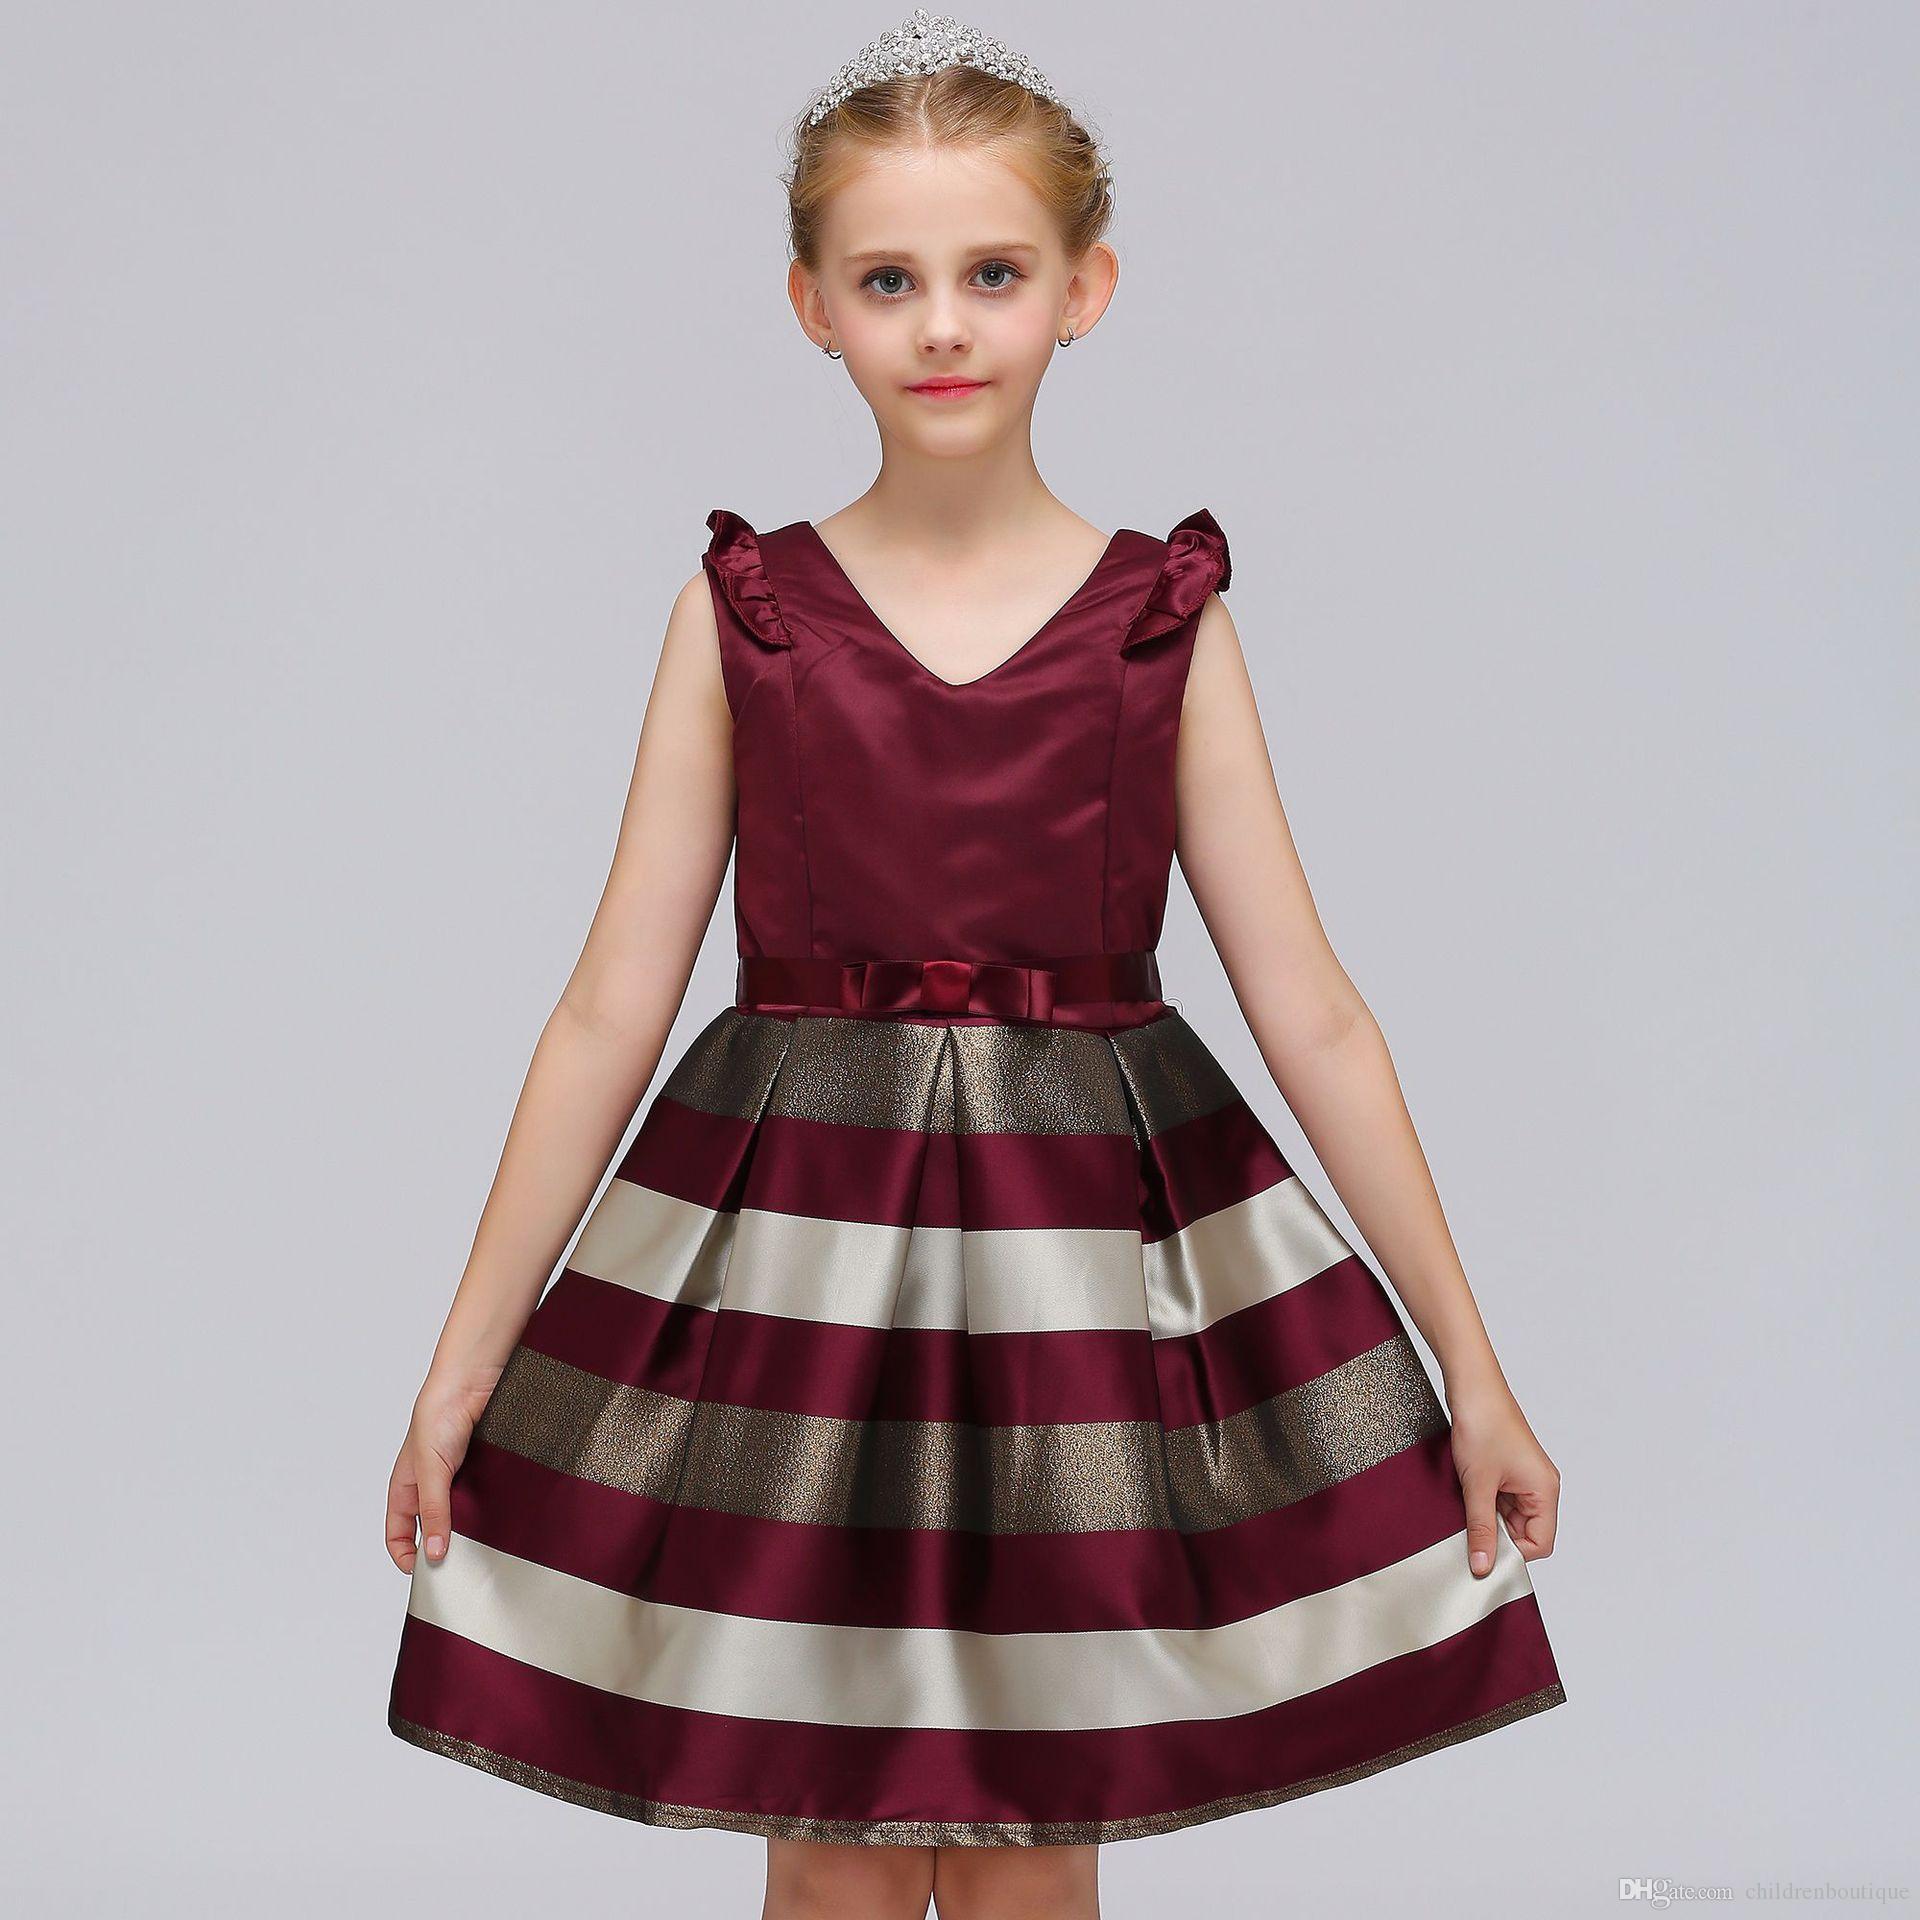 842e44ebb61 Acheter Enfants Filles Vêtements Bébé Filles Rayé Robe Pour Filles Robes De  Fête De Mariage Formelles Enfants Princesse Robe De Noël Costume 3 Couleurs  De ...